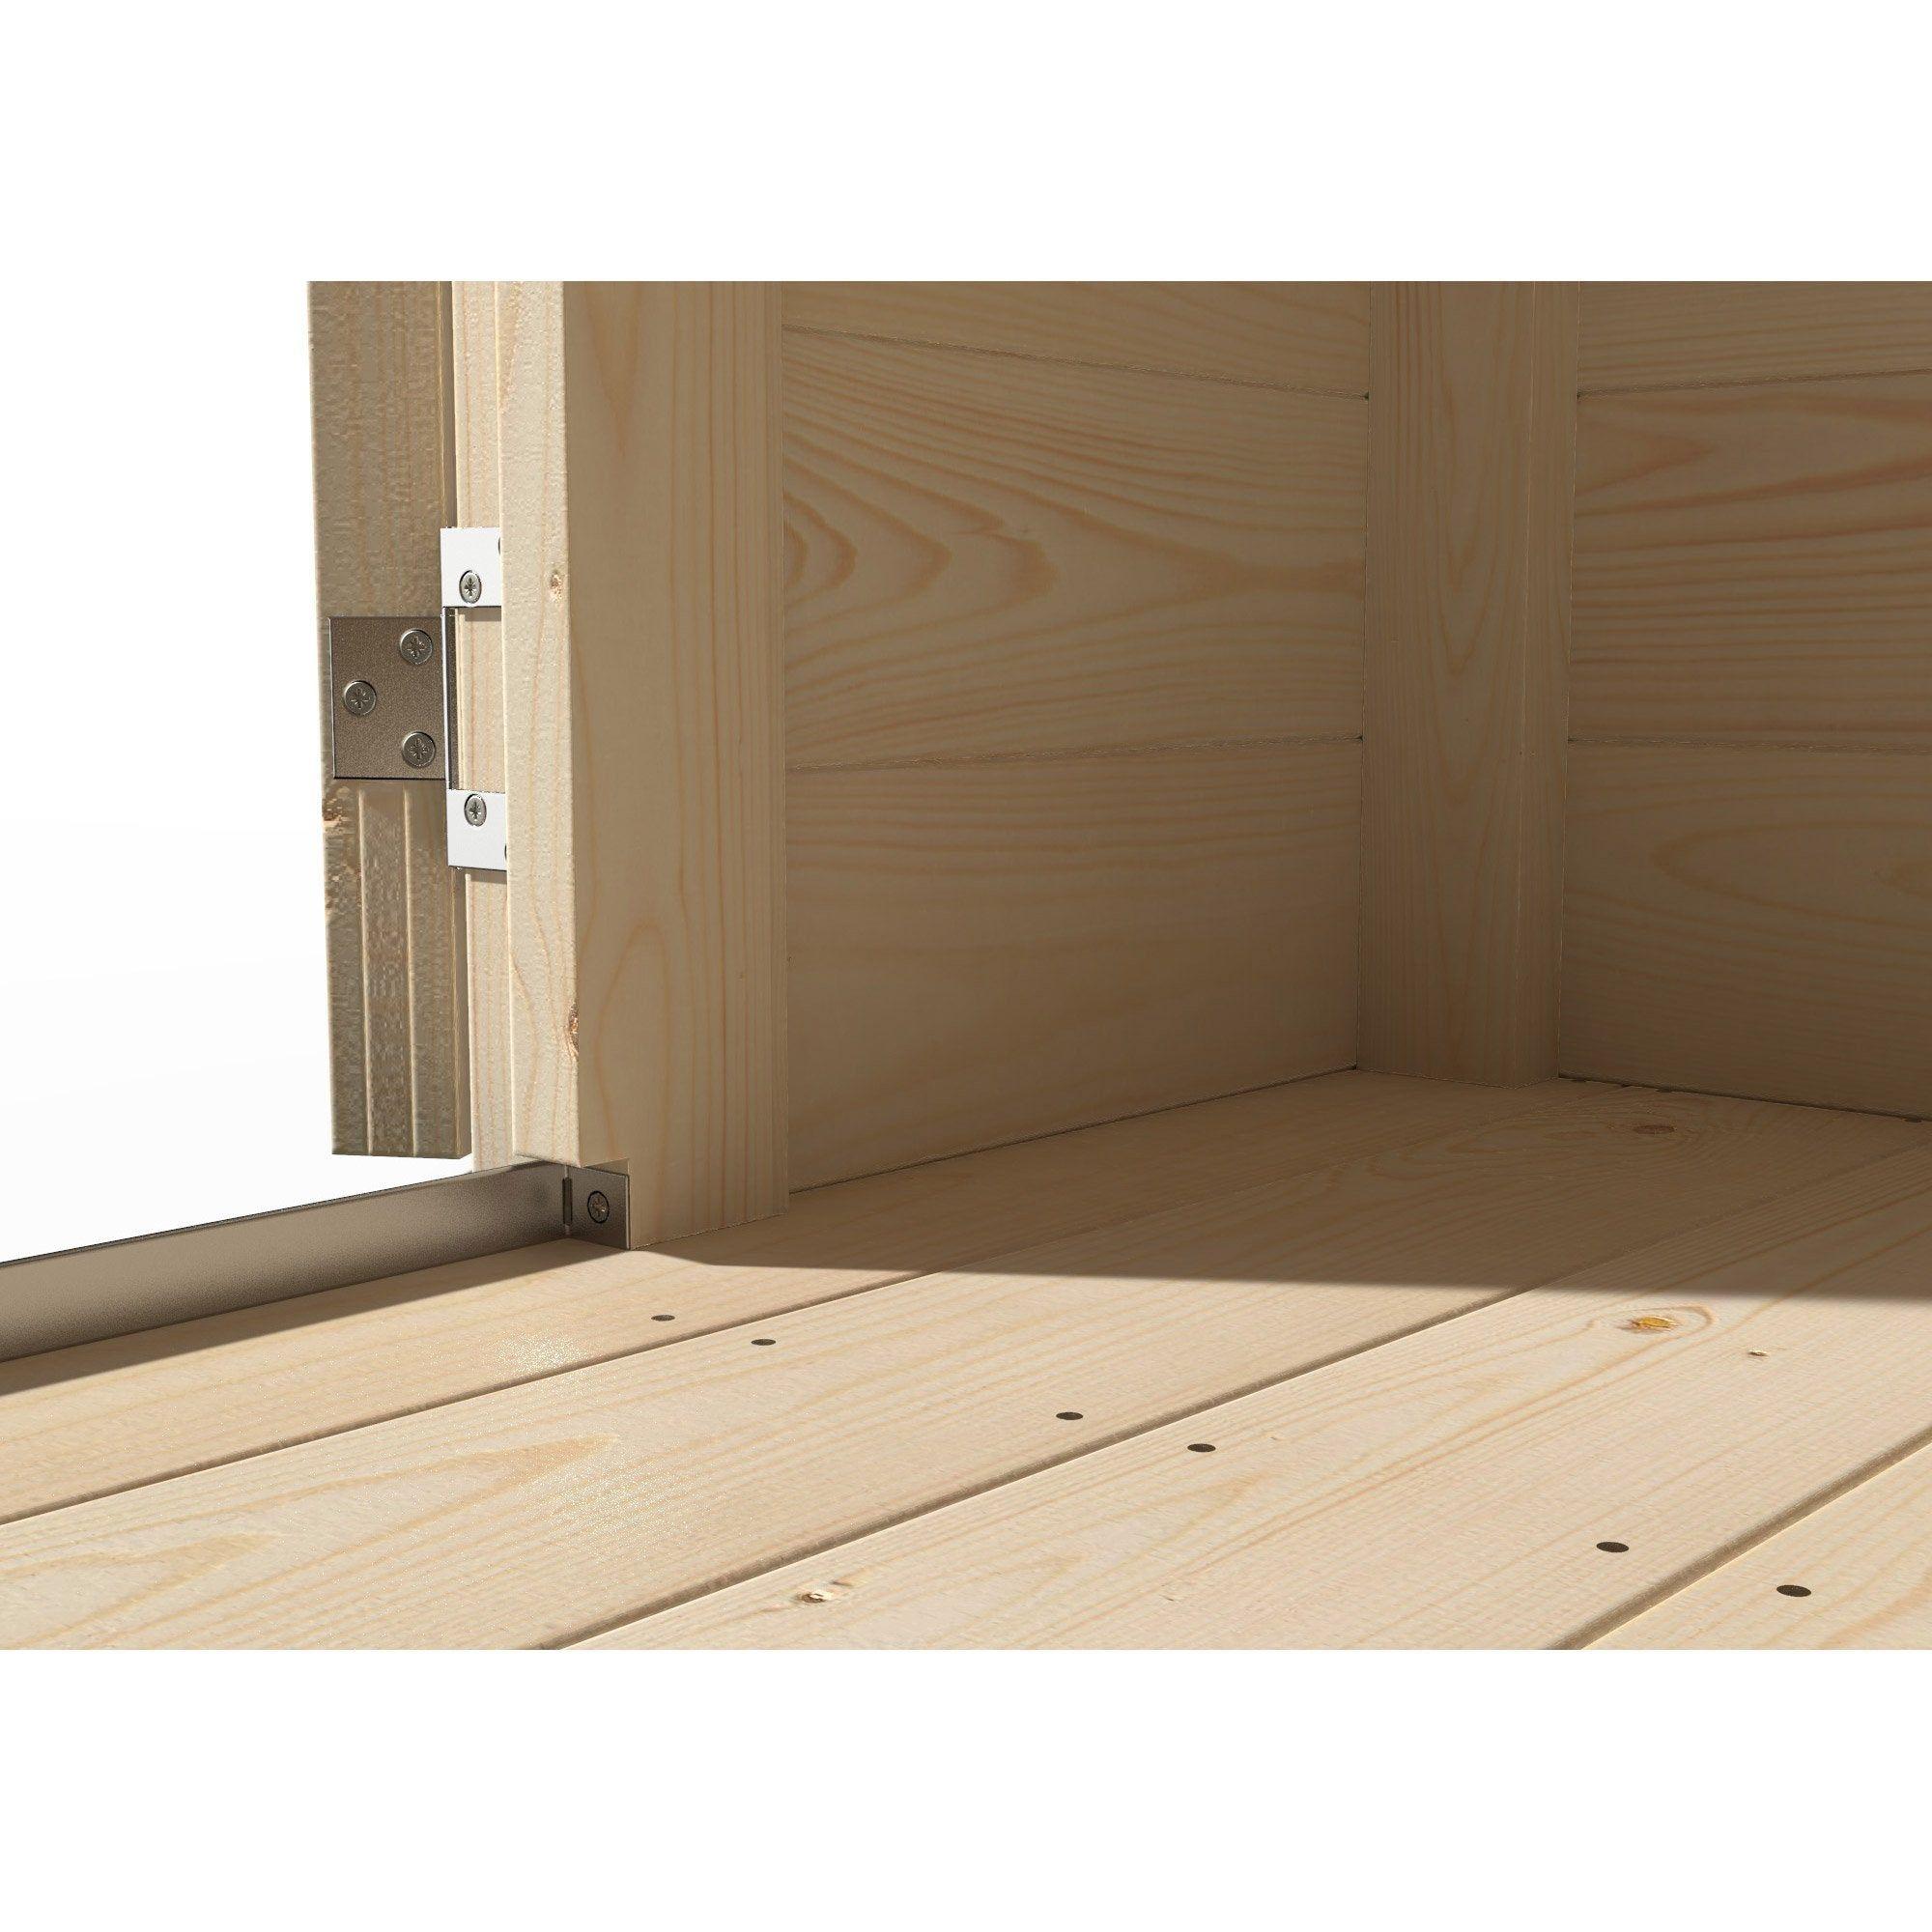 Plancher En Bois Naterial Pour Abri 6M² Contemp, L.247 X H ... à Plancher Pour Abri De Jardin